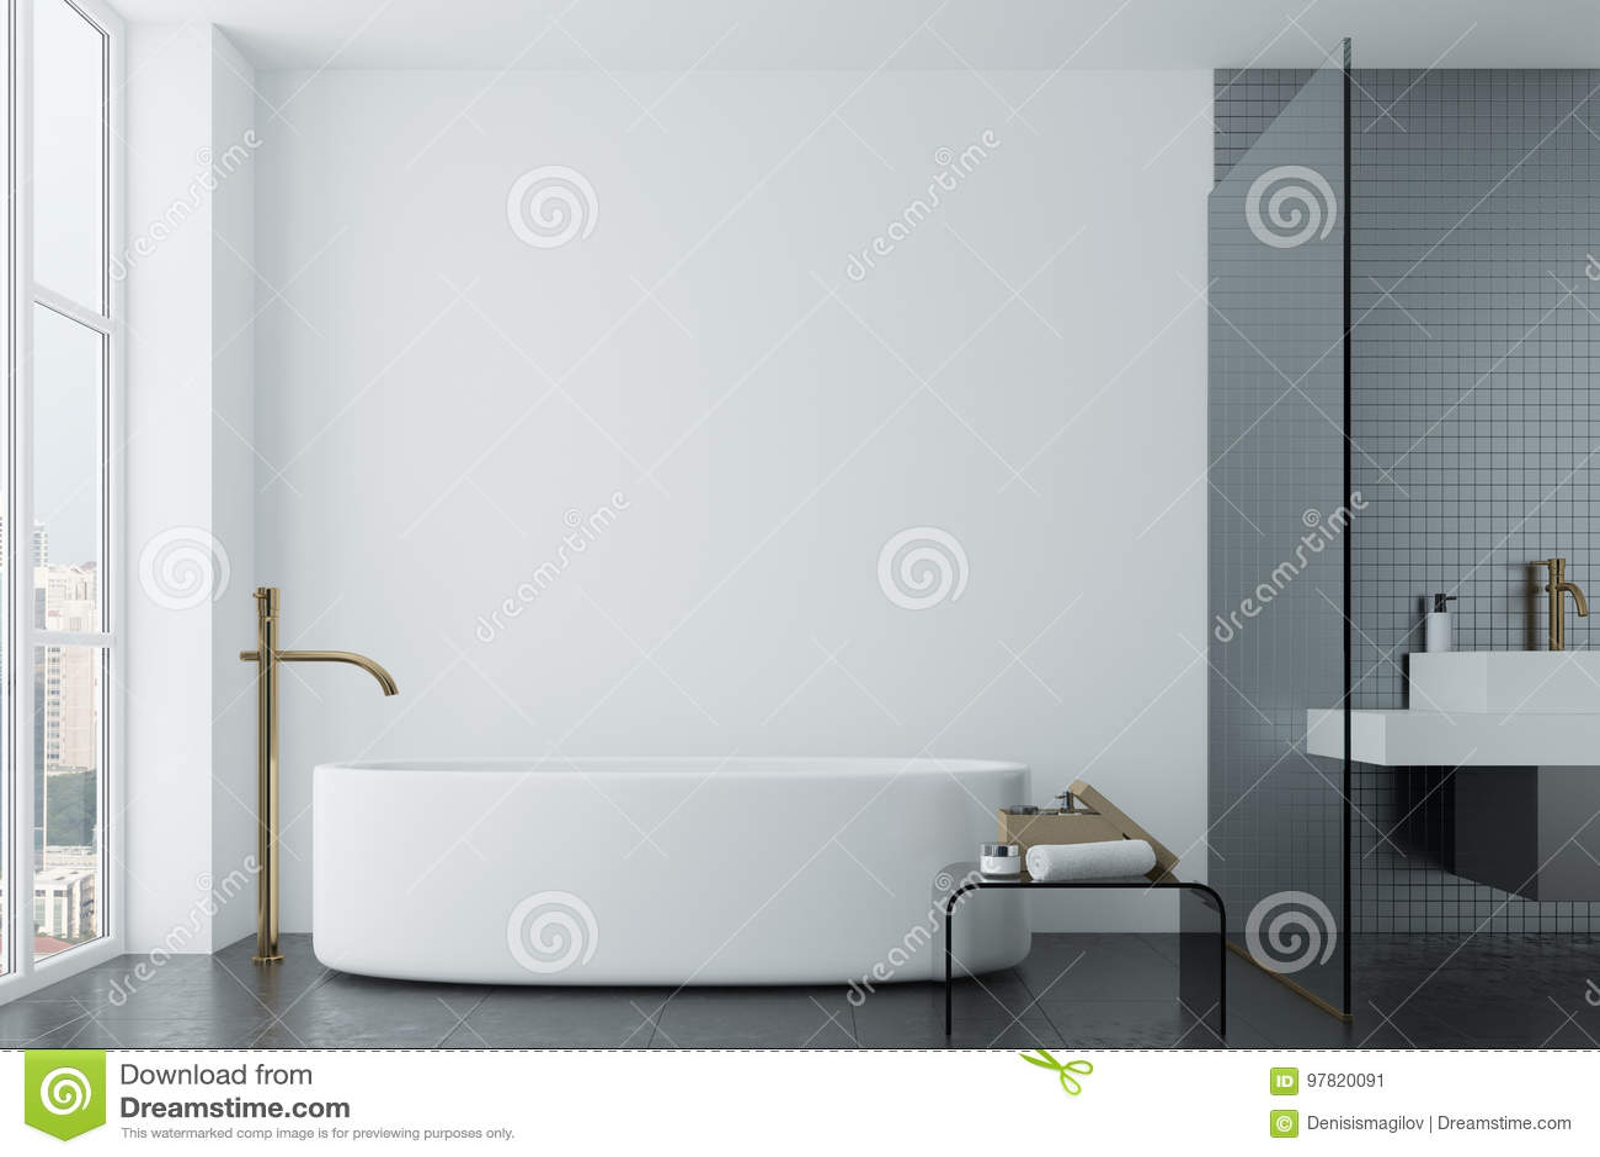 Badezimmer Graue Fliesen | Weisses Badezimmer Graue Fliesen Und Runde Wanne Stock Abbildung